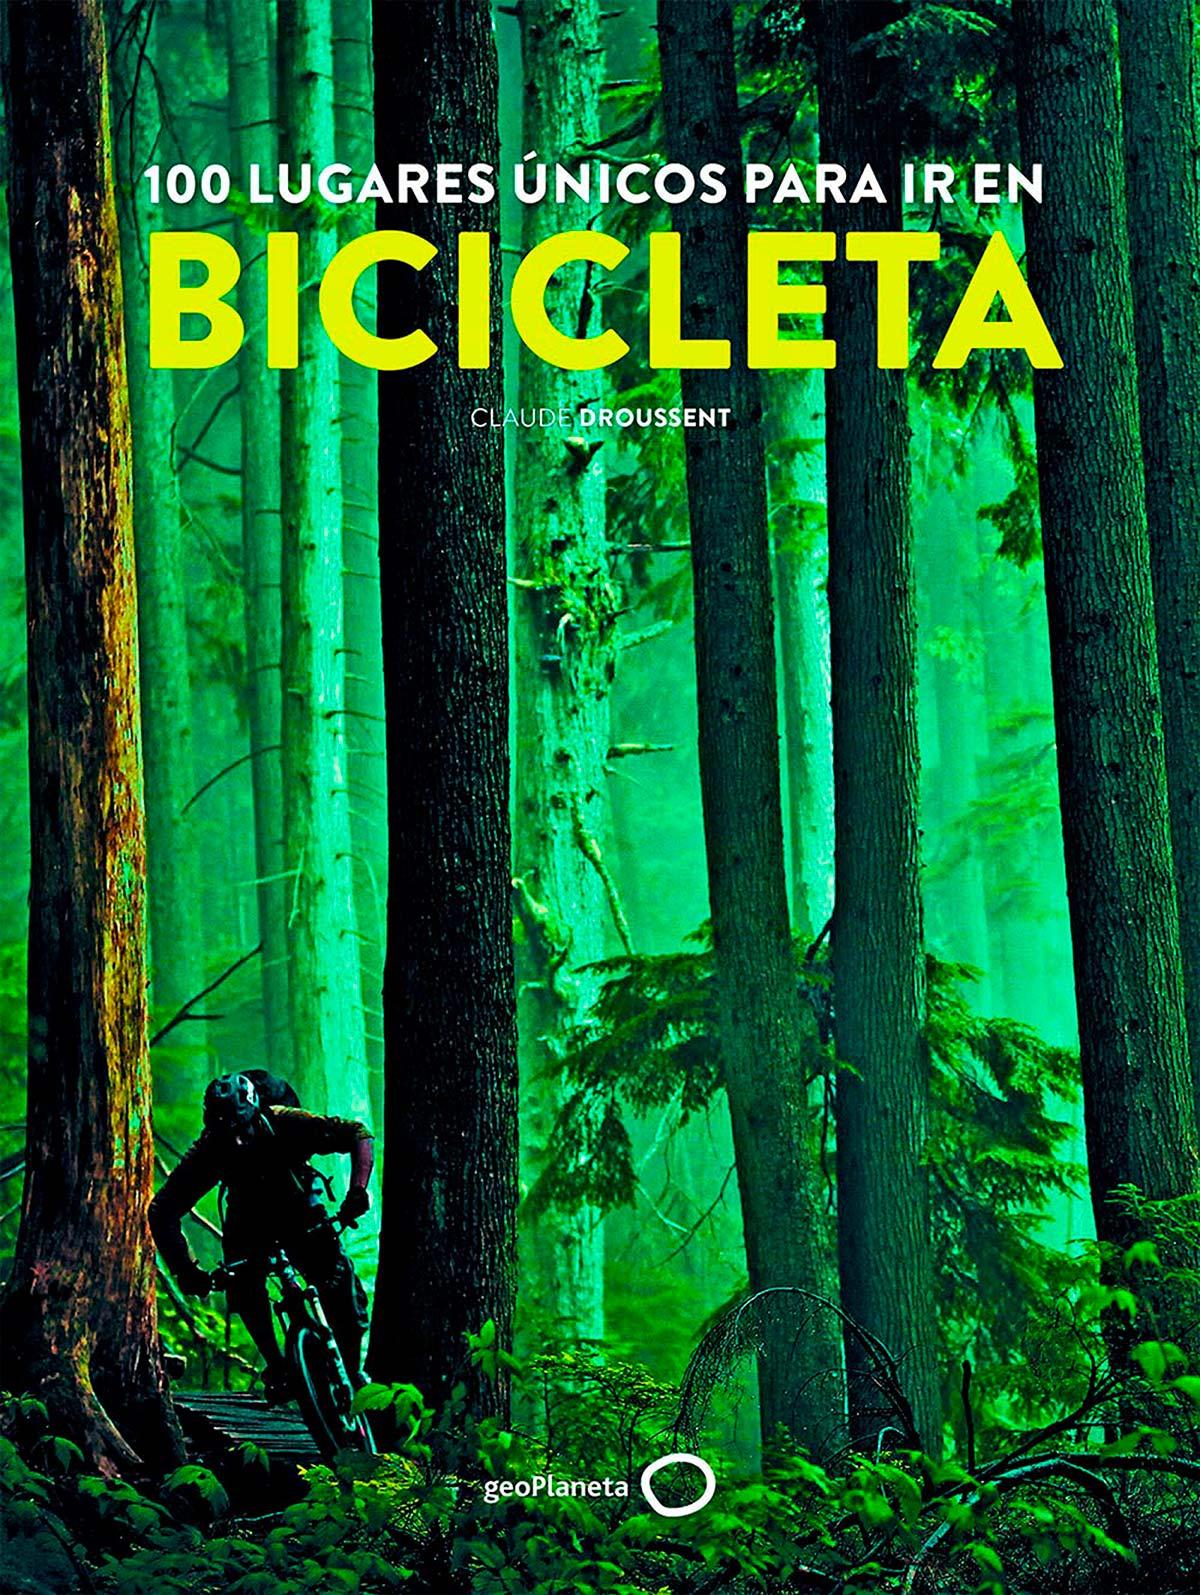 100 lugares únicos para ir en bicicleta, un libro imprescindible para los amantes de la aventura